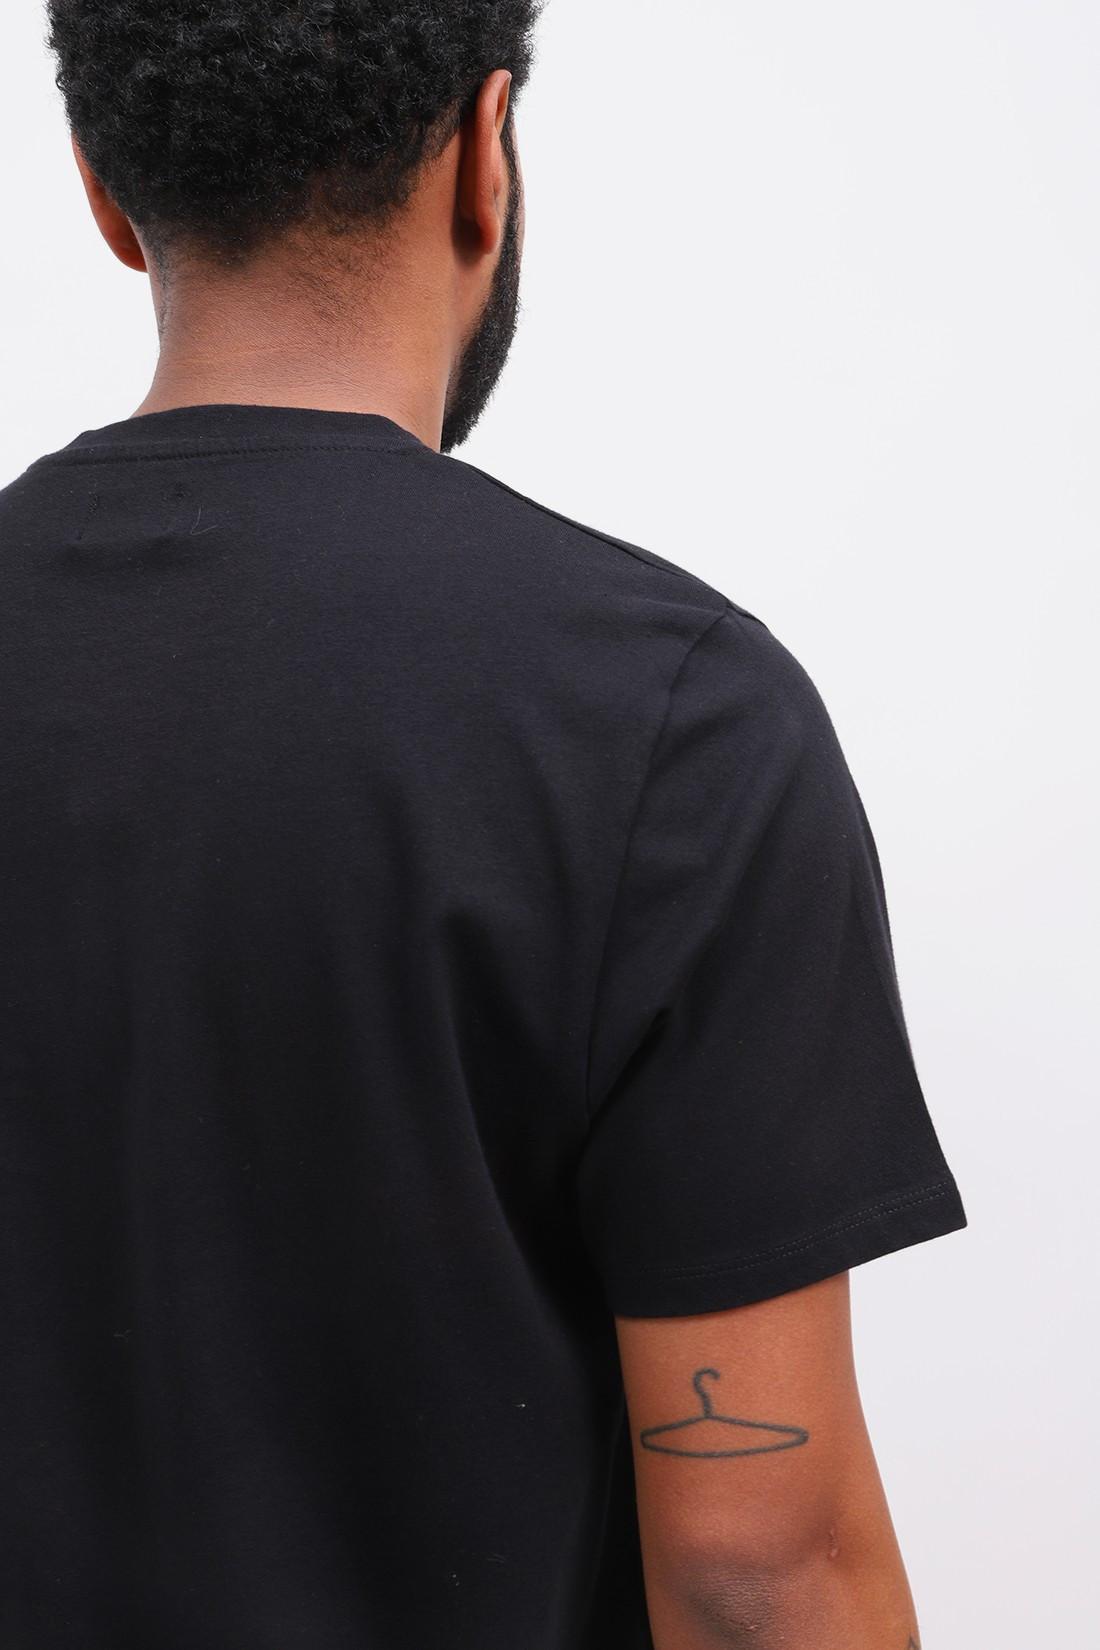 EDWIN / Japanese sun t-shirt Black